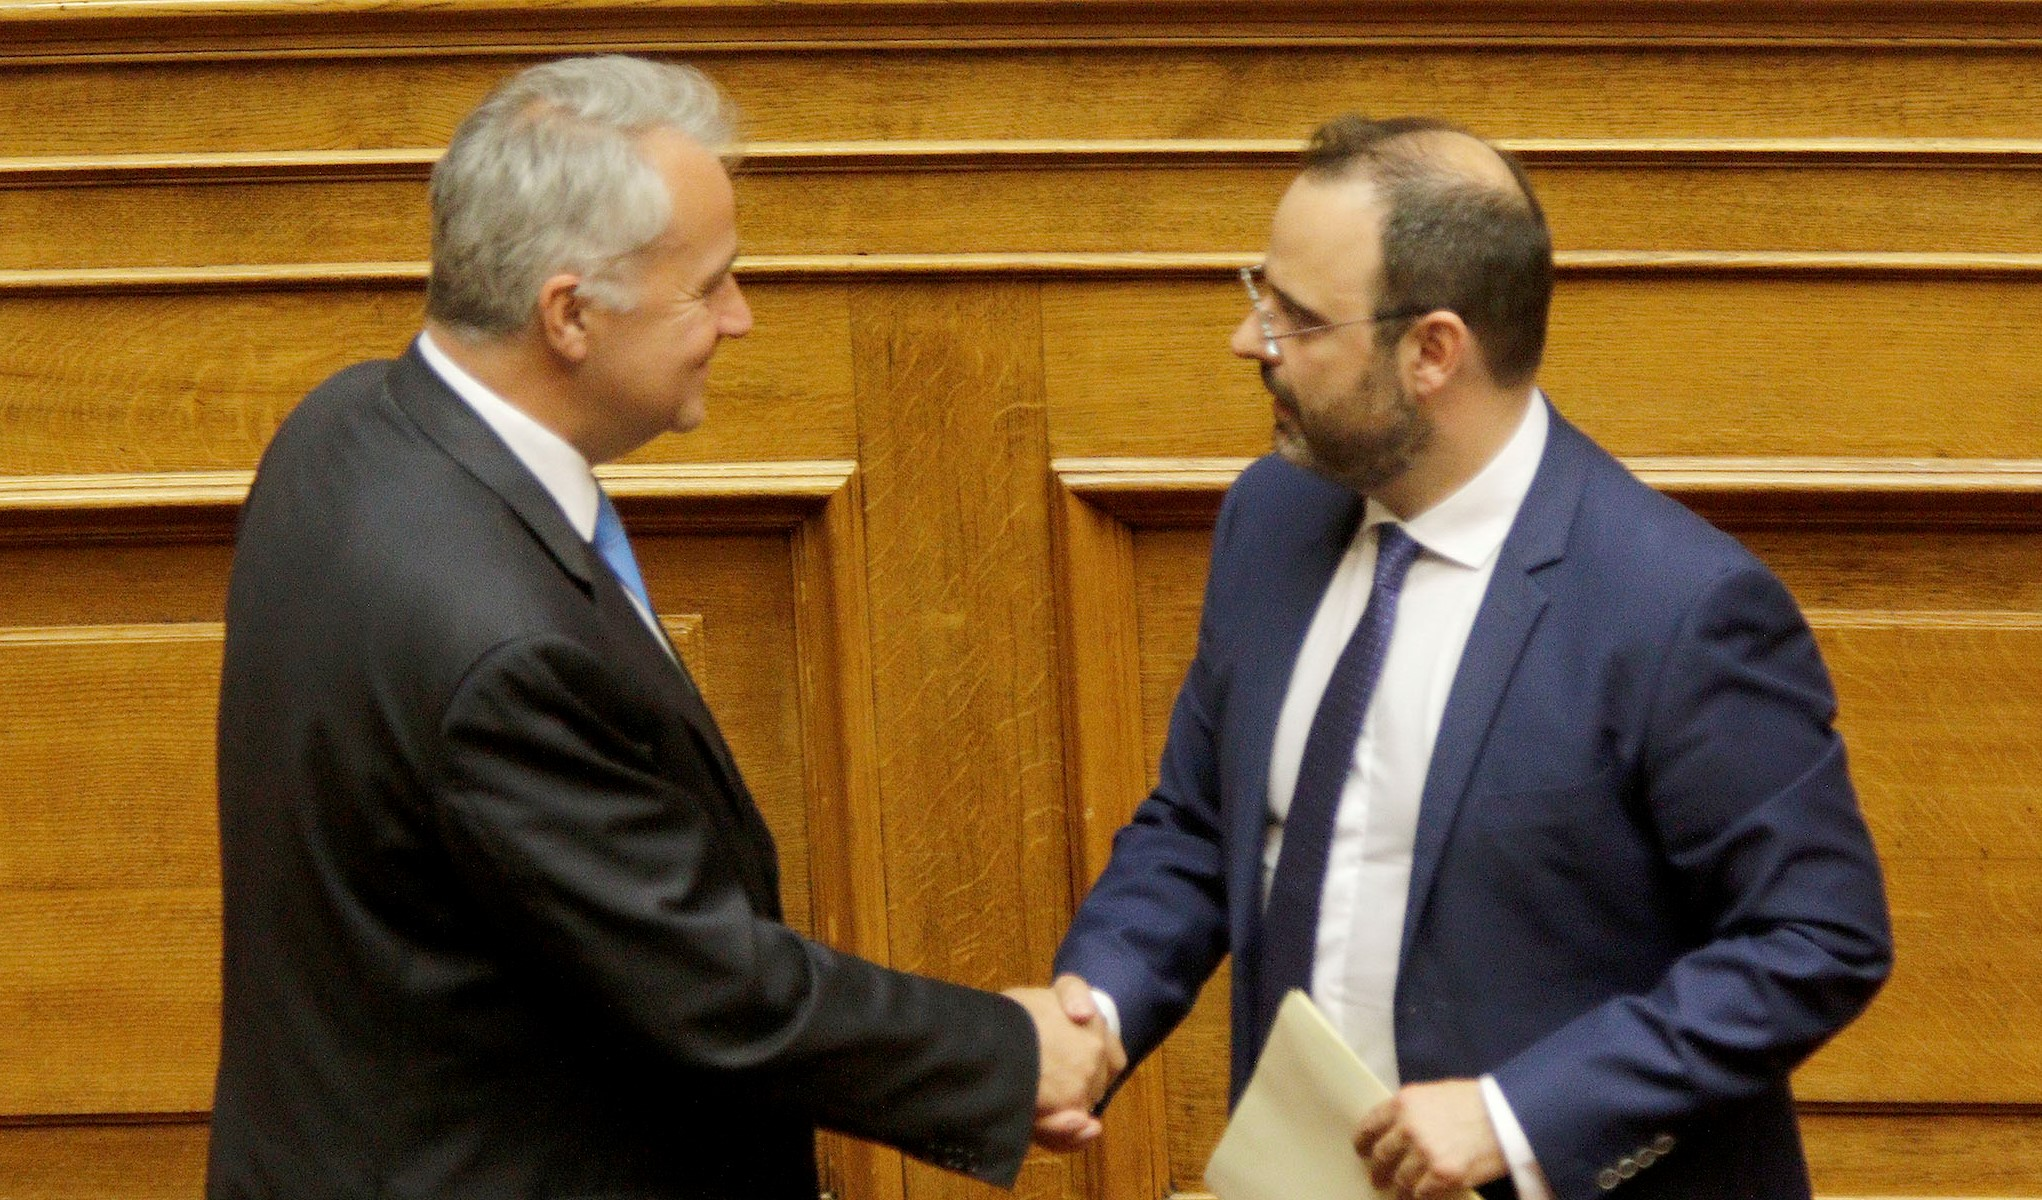 Μαραβέγιας σε Βορίδη: «Να ενισχυθεί ο Δήμος Ζαγοράς για την αντιμετώπιση των καταστροφών από τη θεομηνία»